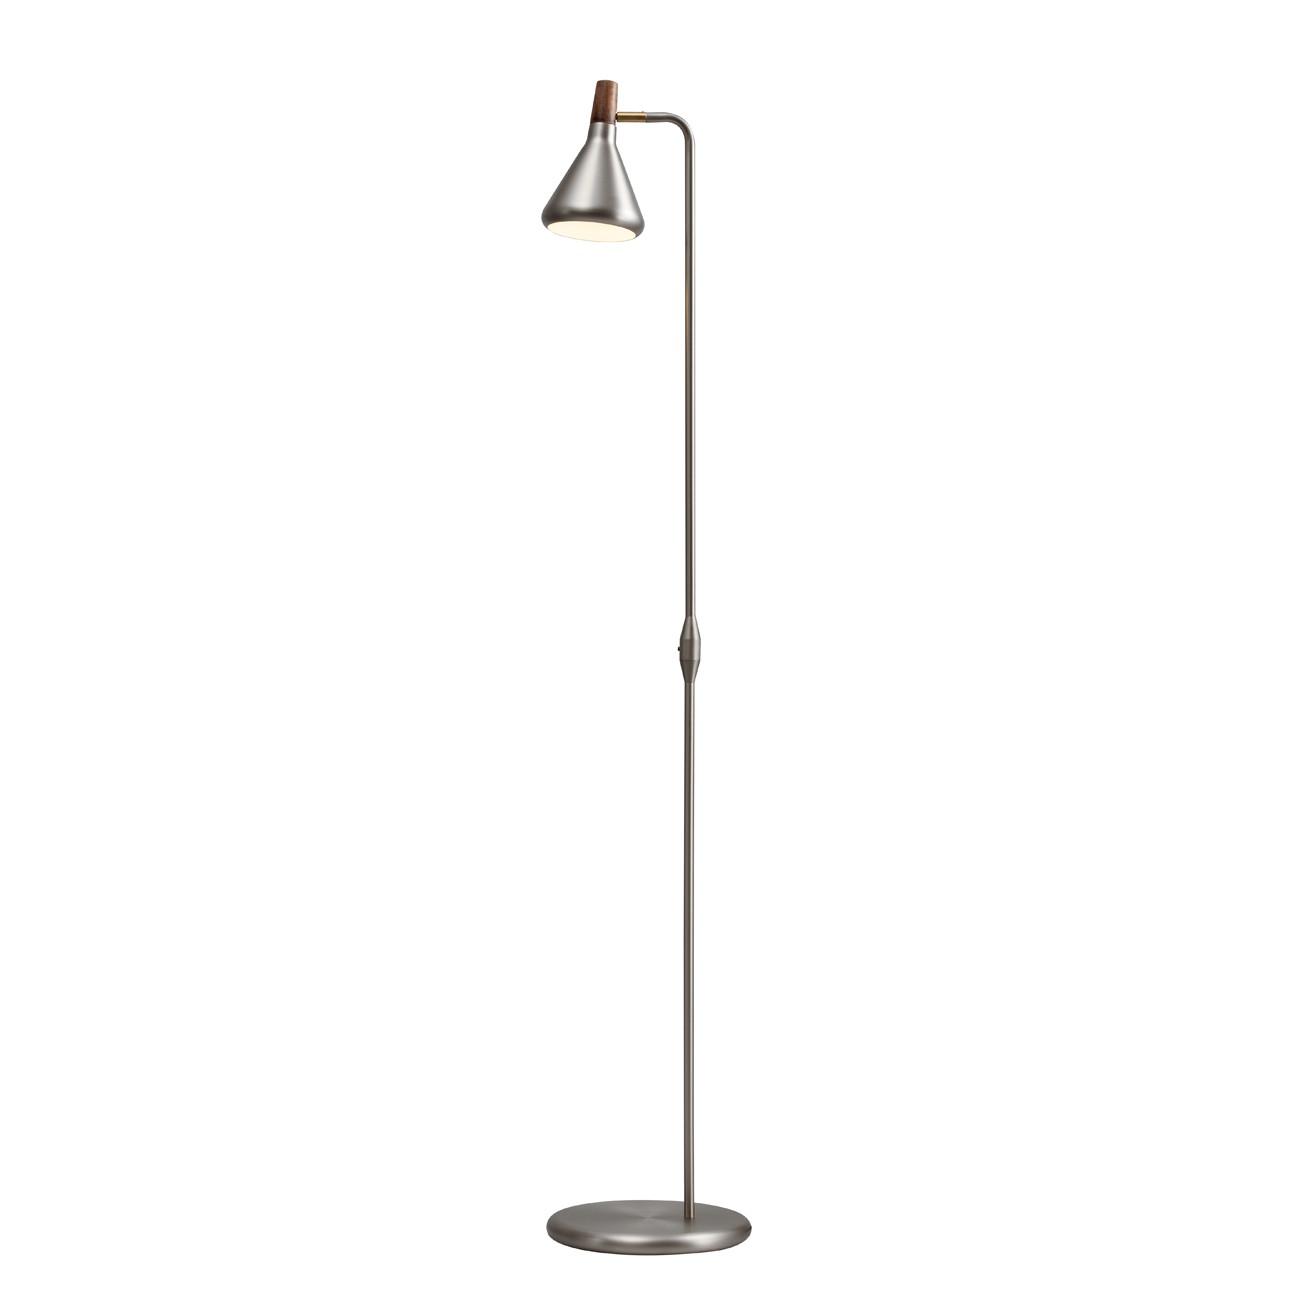 EEK A++, Lampadaire Float - Métal Argenté 1 ampoule, Nordlux